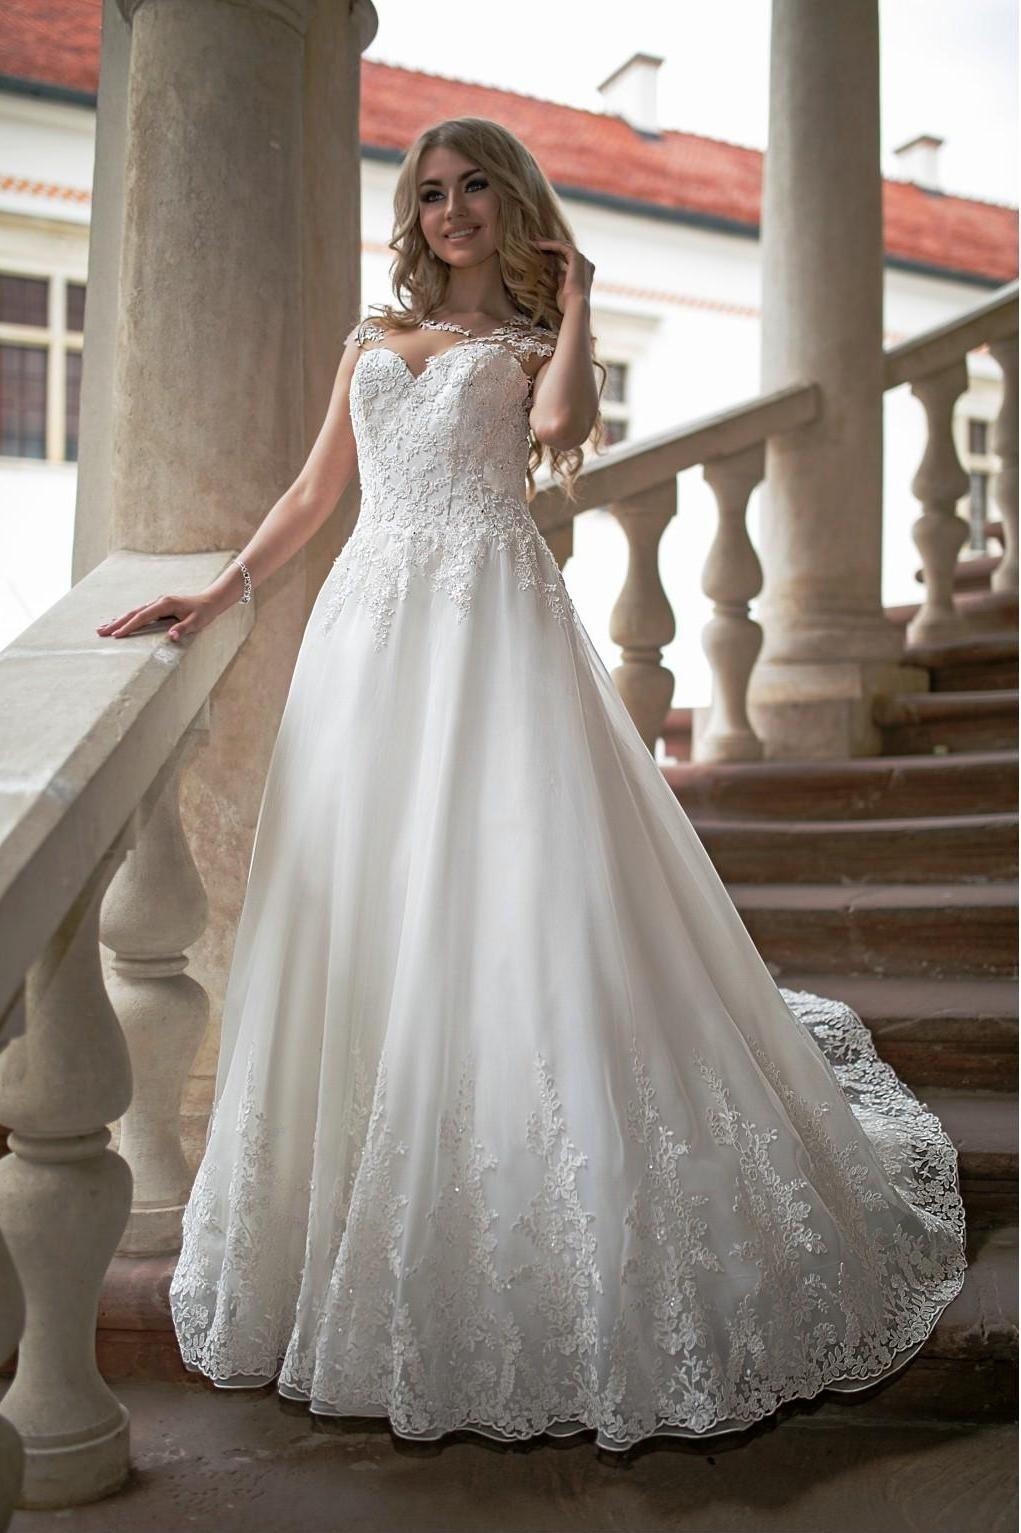 10 Cool Hochzeitskleider Online Galerie13 Einzigartig Hochzeitskleider Online Spezialgebiet